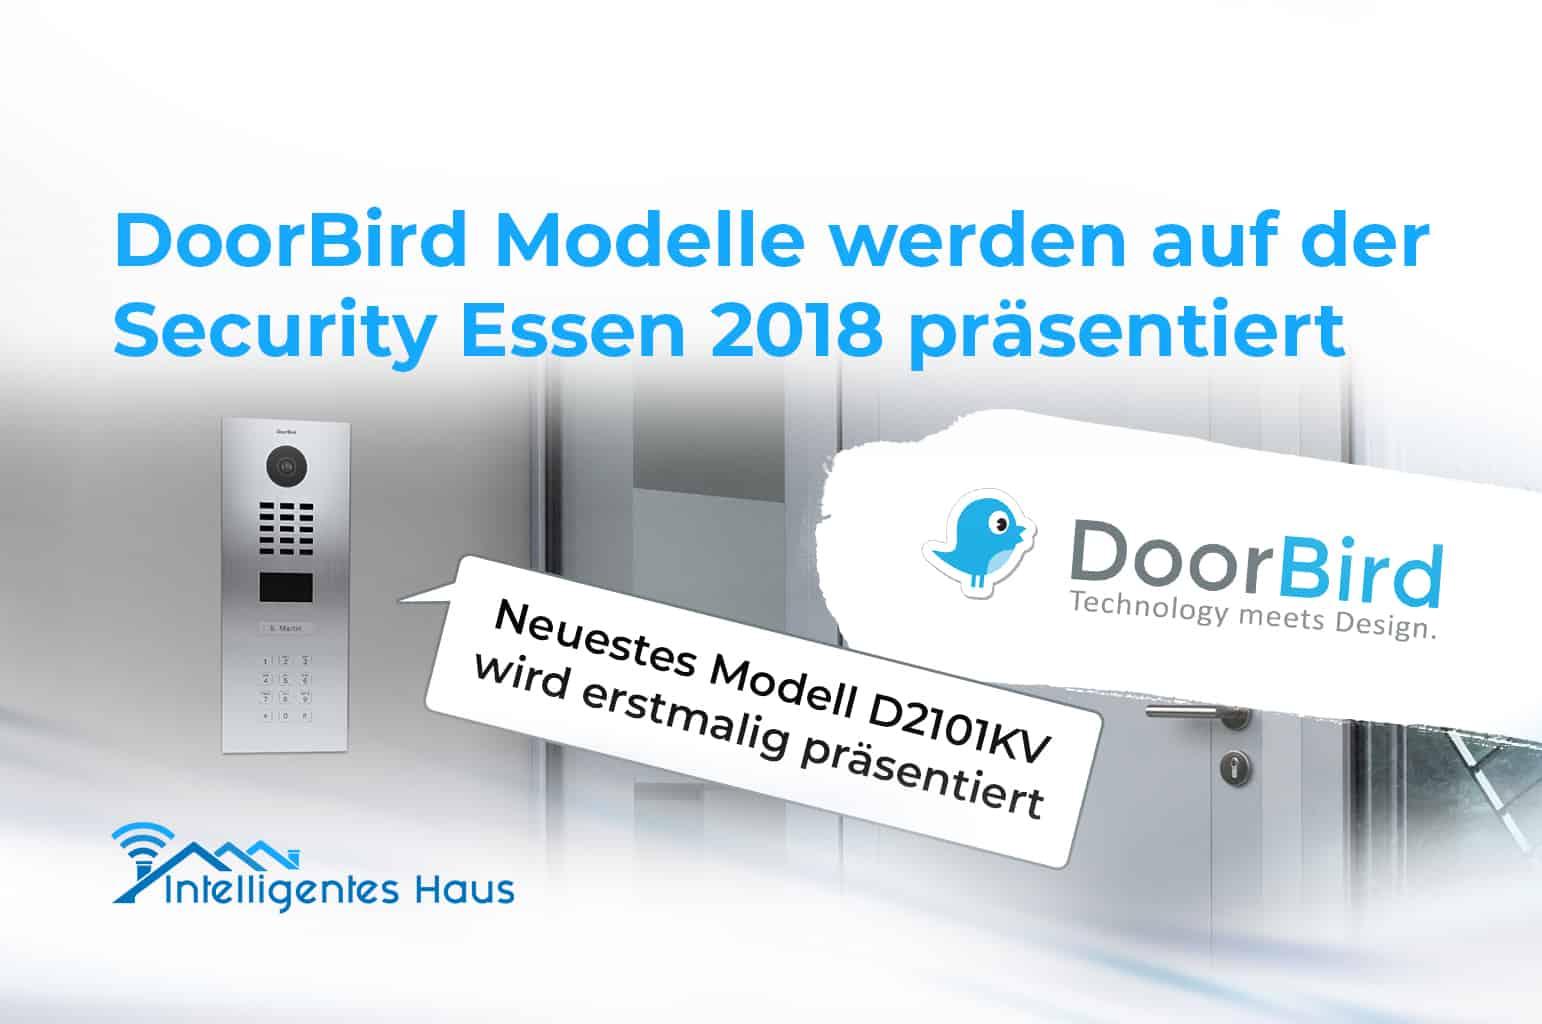 Präsentation von DoorBird Modellen